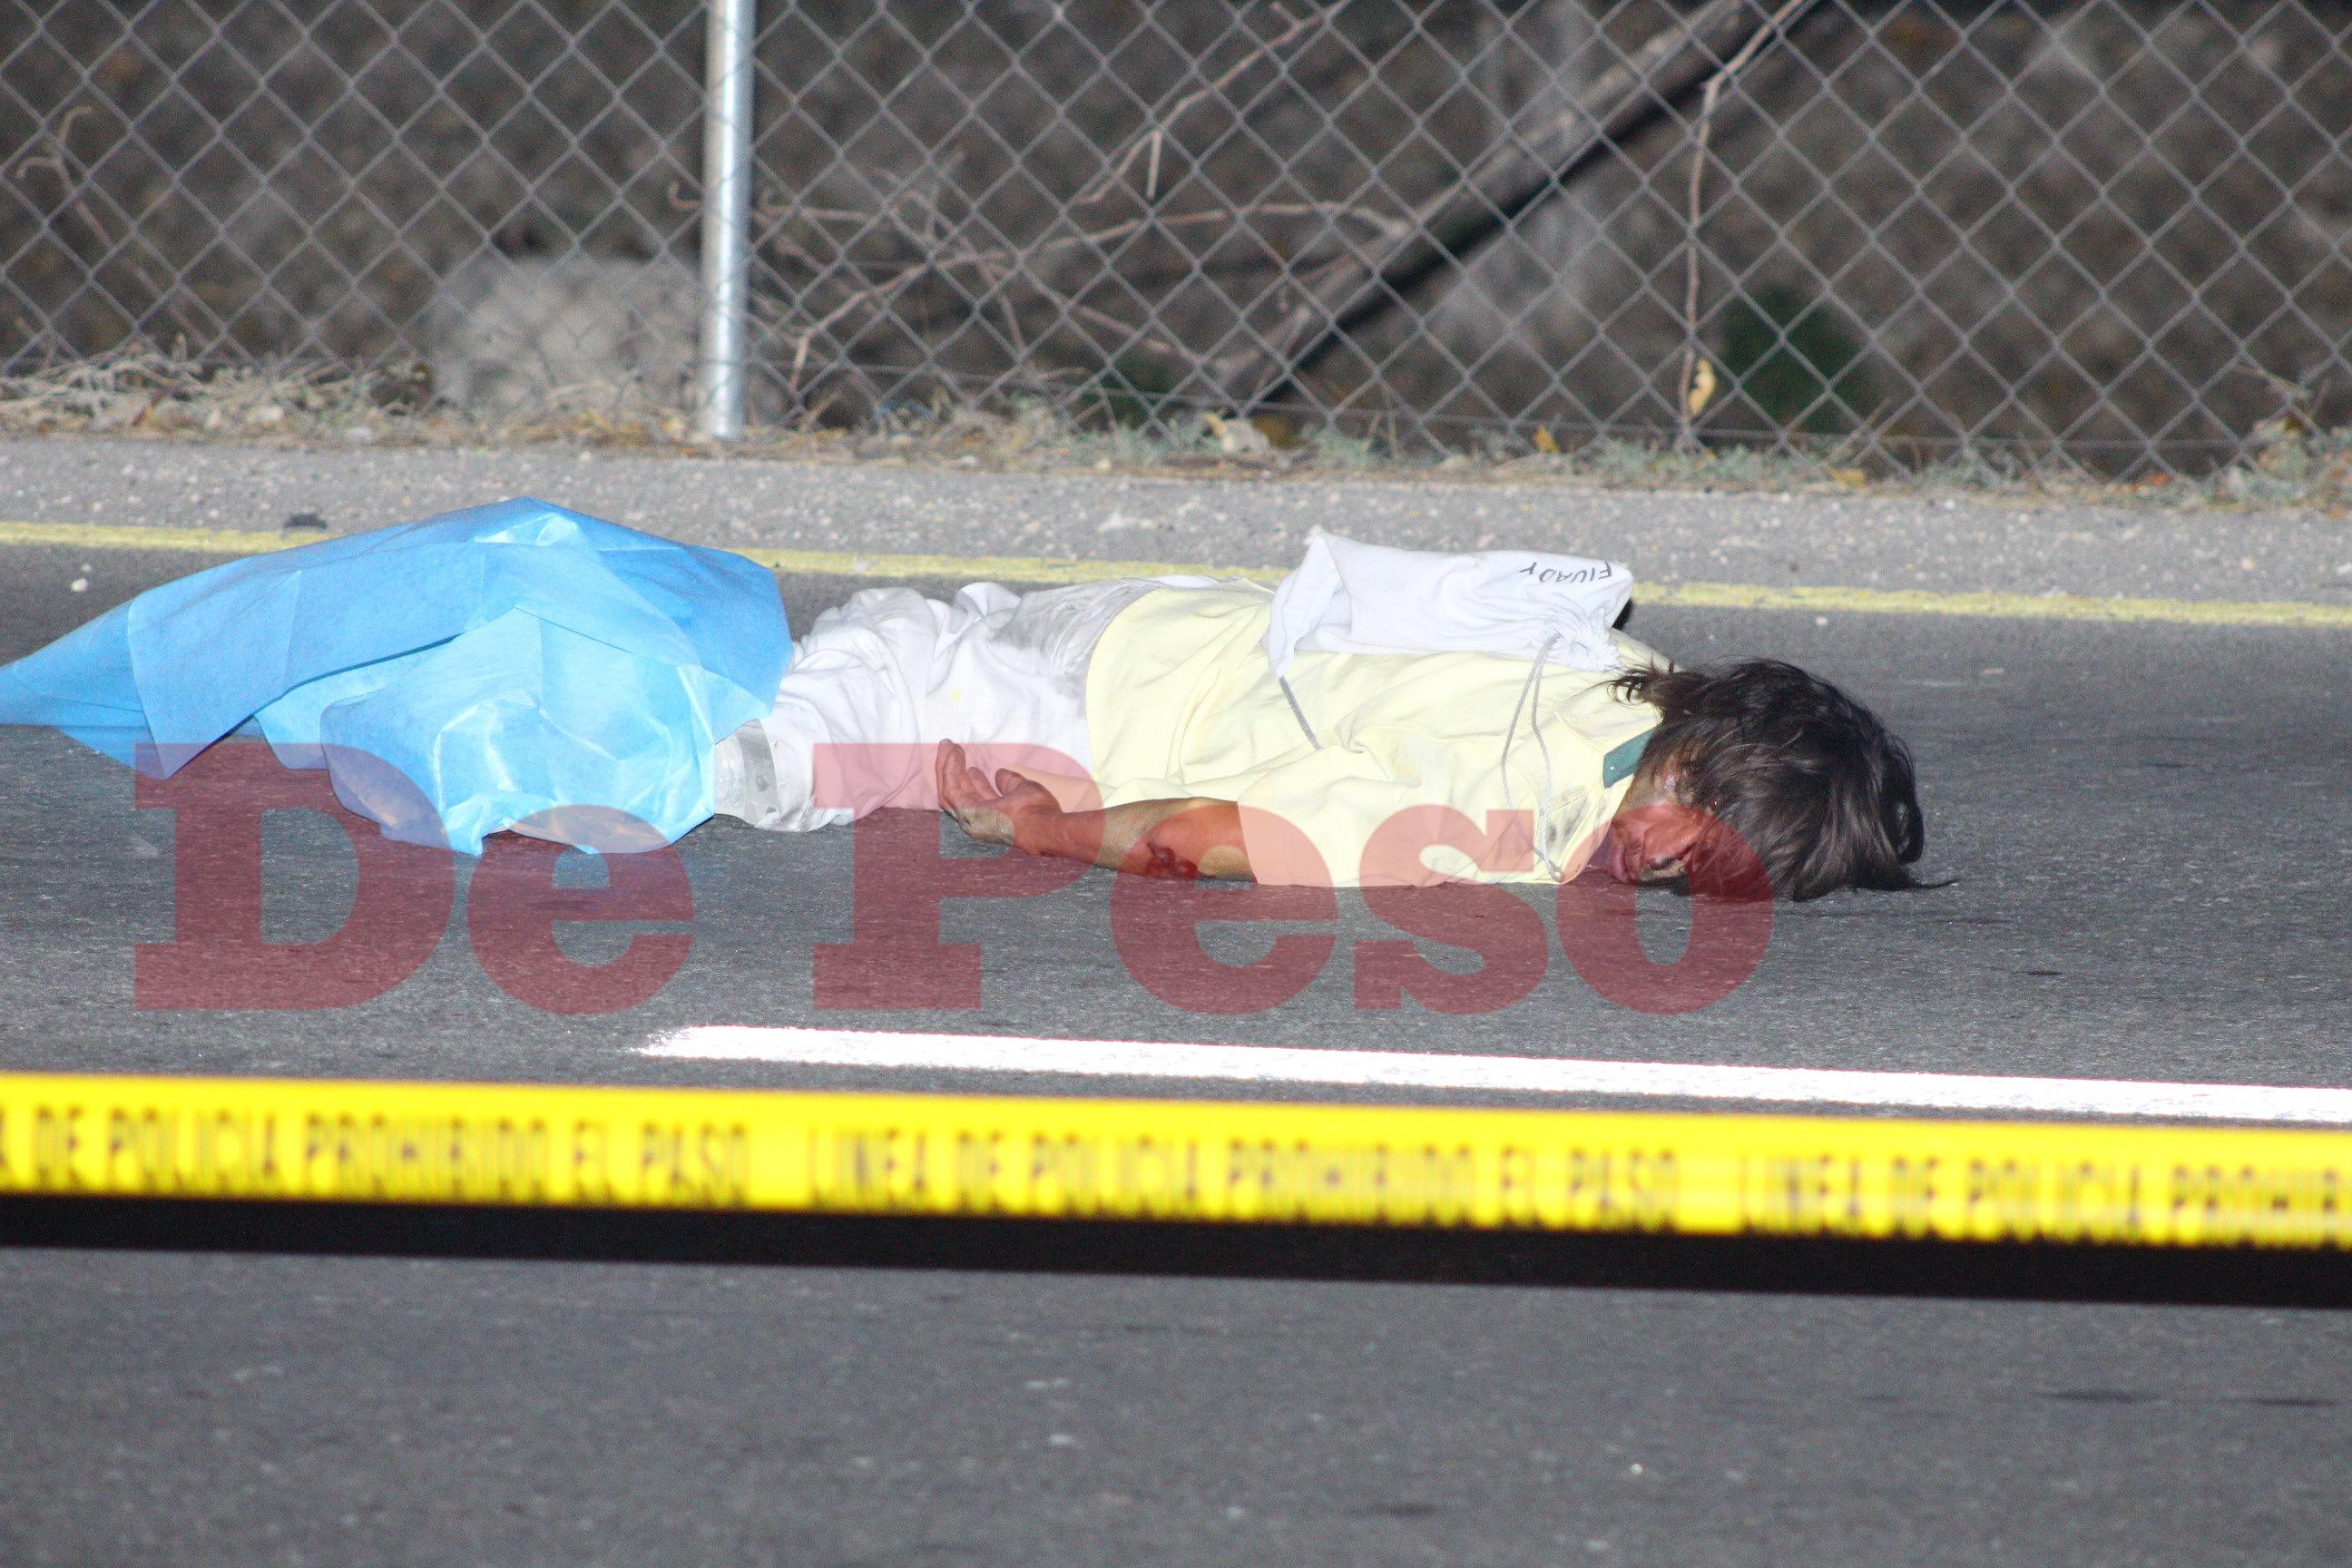 Muere peatón atropellado en anillo periférico de Mérida